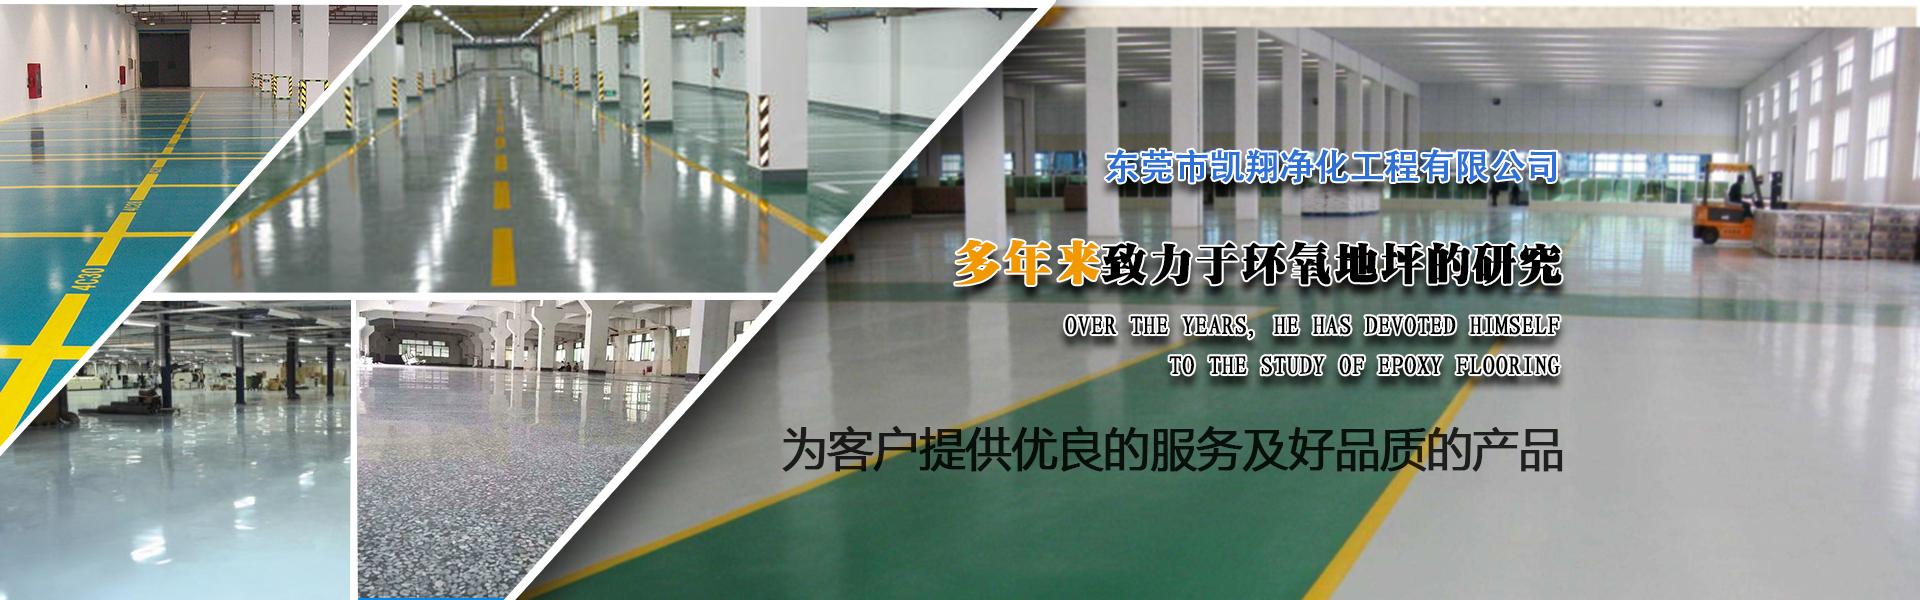 东莞市凯翔净化工程有限公司